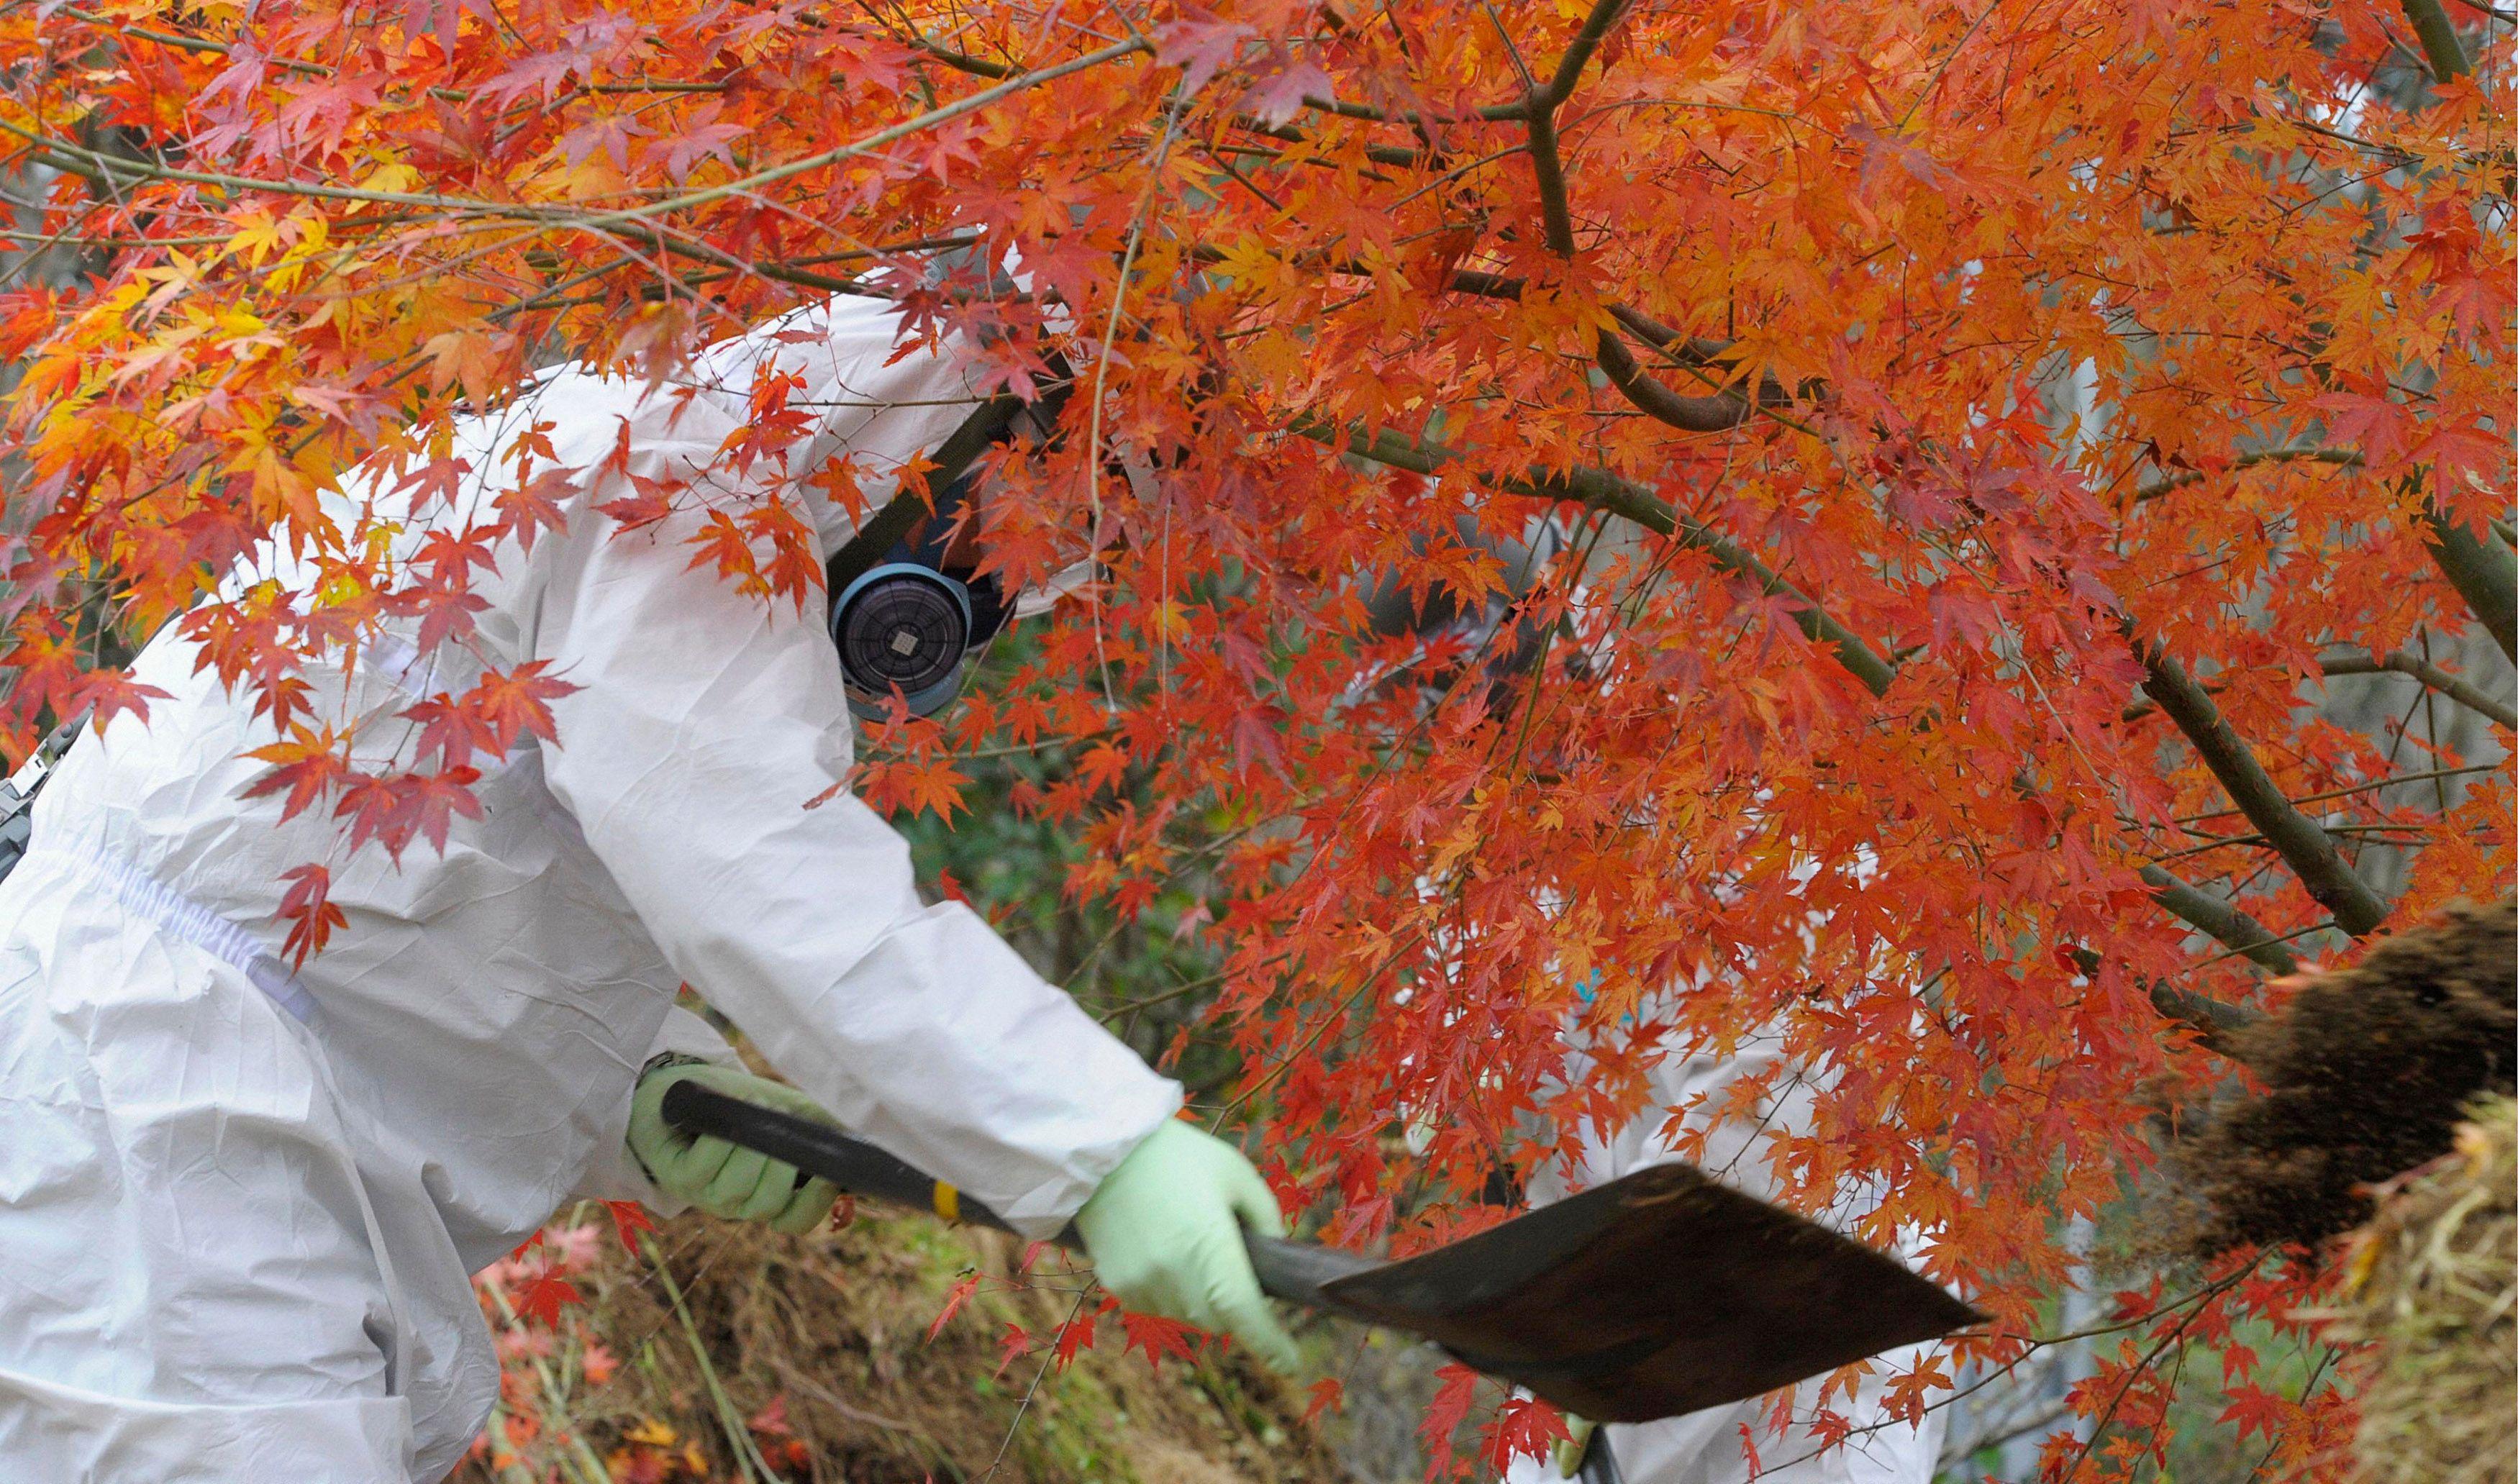 La catastrophe nucléaire du 11 mars 2011 à Fukushima a eu un effet d'accélération sur des changements profonds au sein du pays.